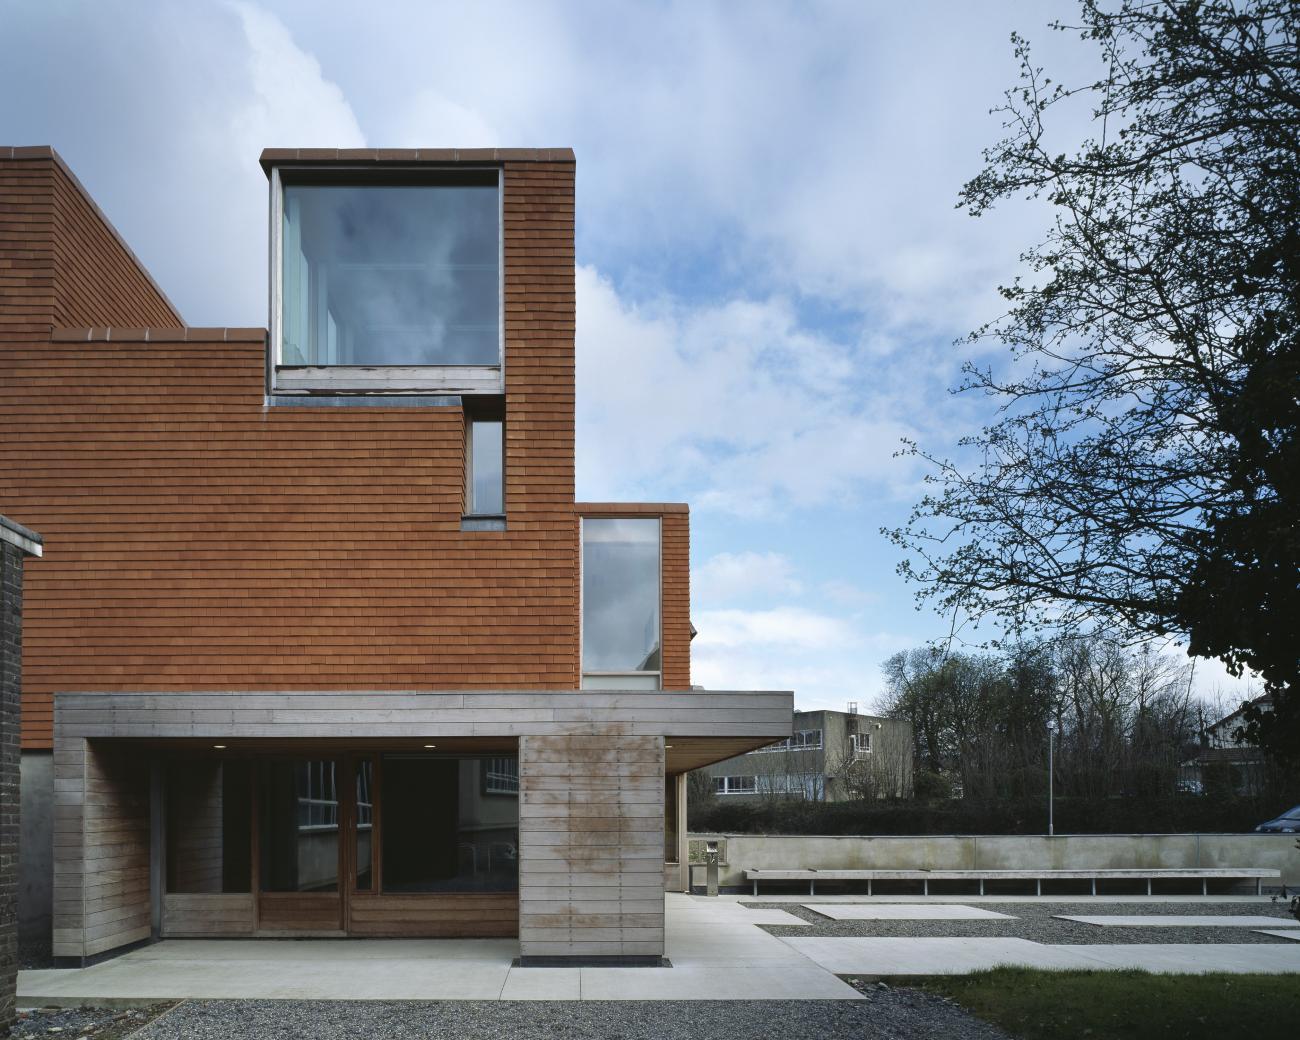 Urban Institute of Ireland